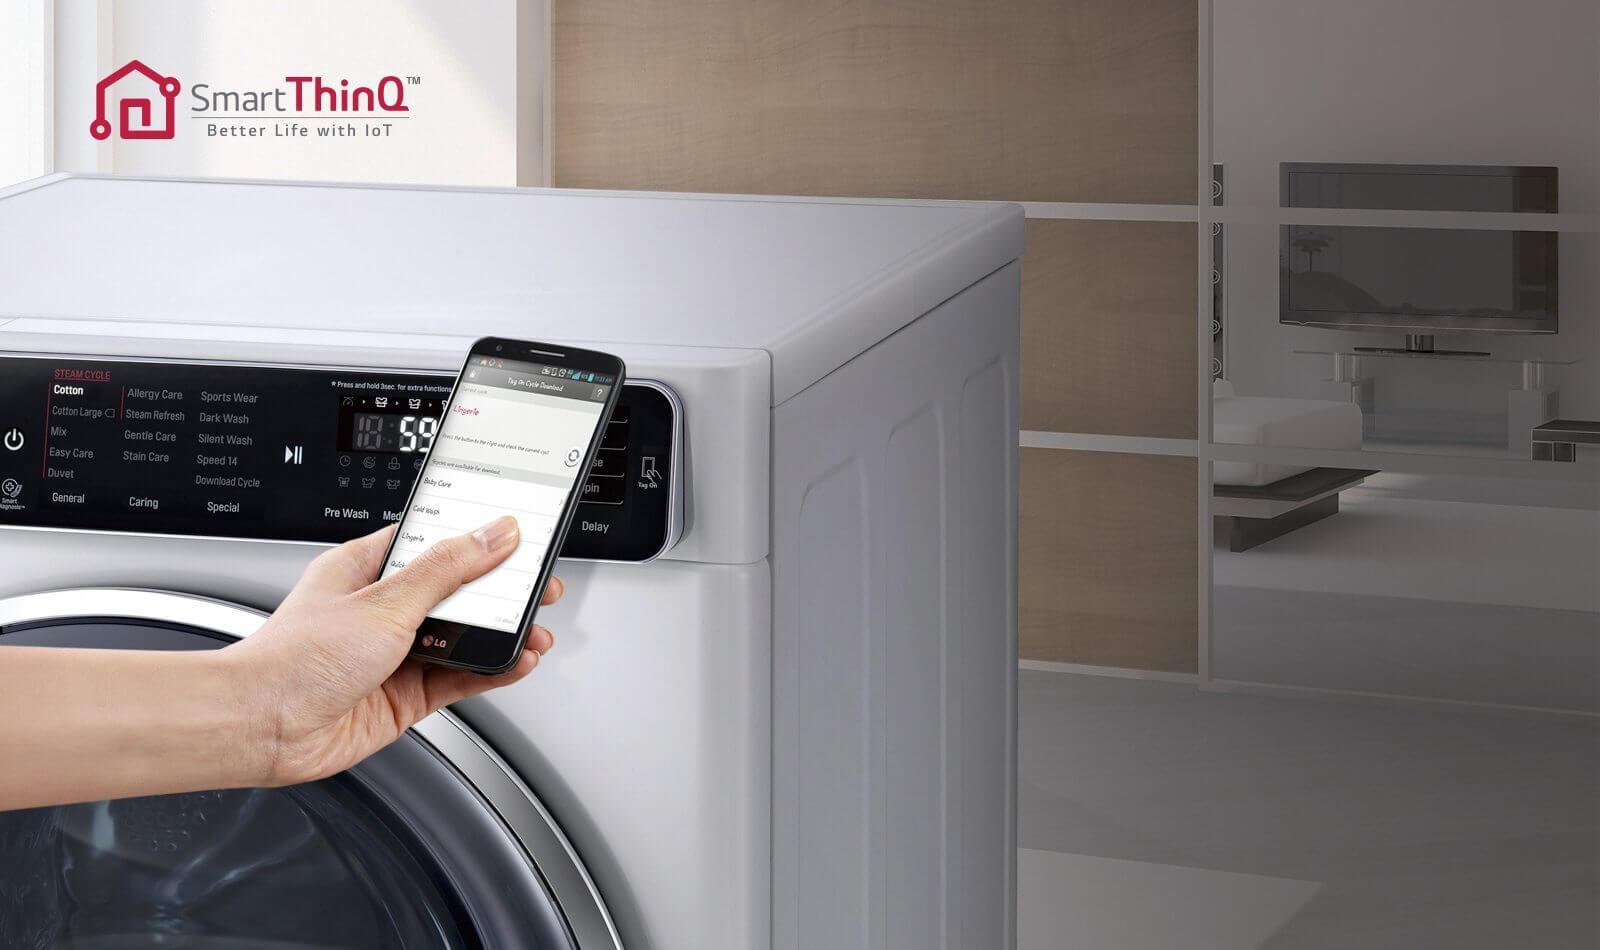 LG SmartThinQ Destaque - Conheça o SmartThinQ, a aposta da LG na 'Internet das Coisas'